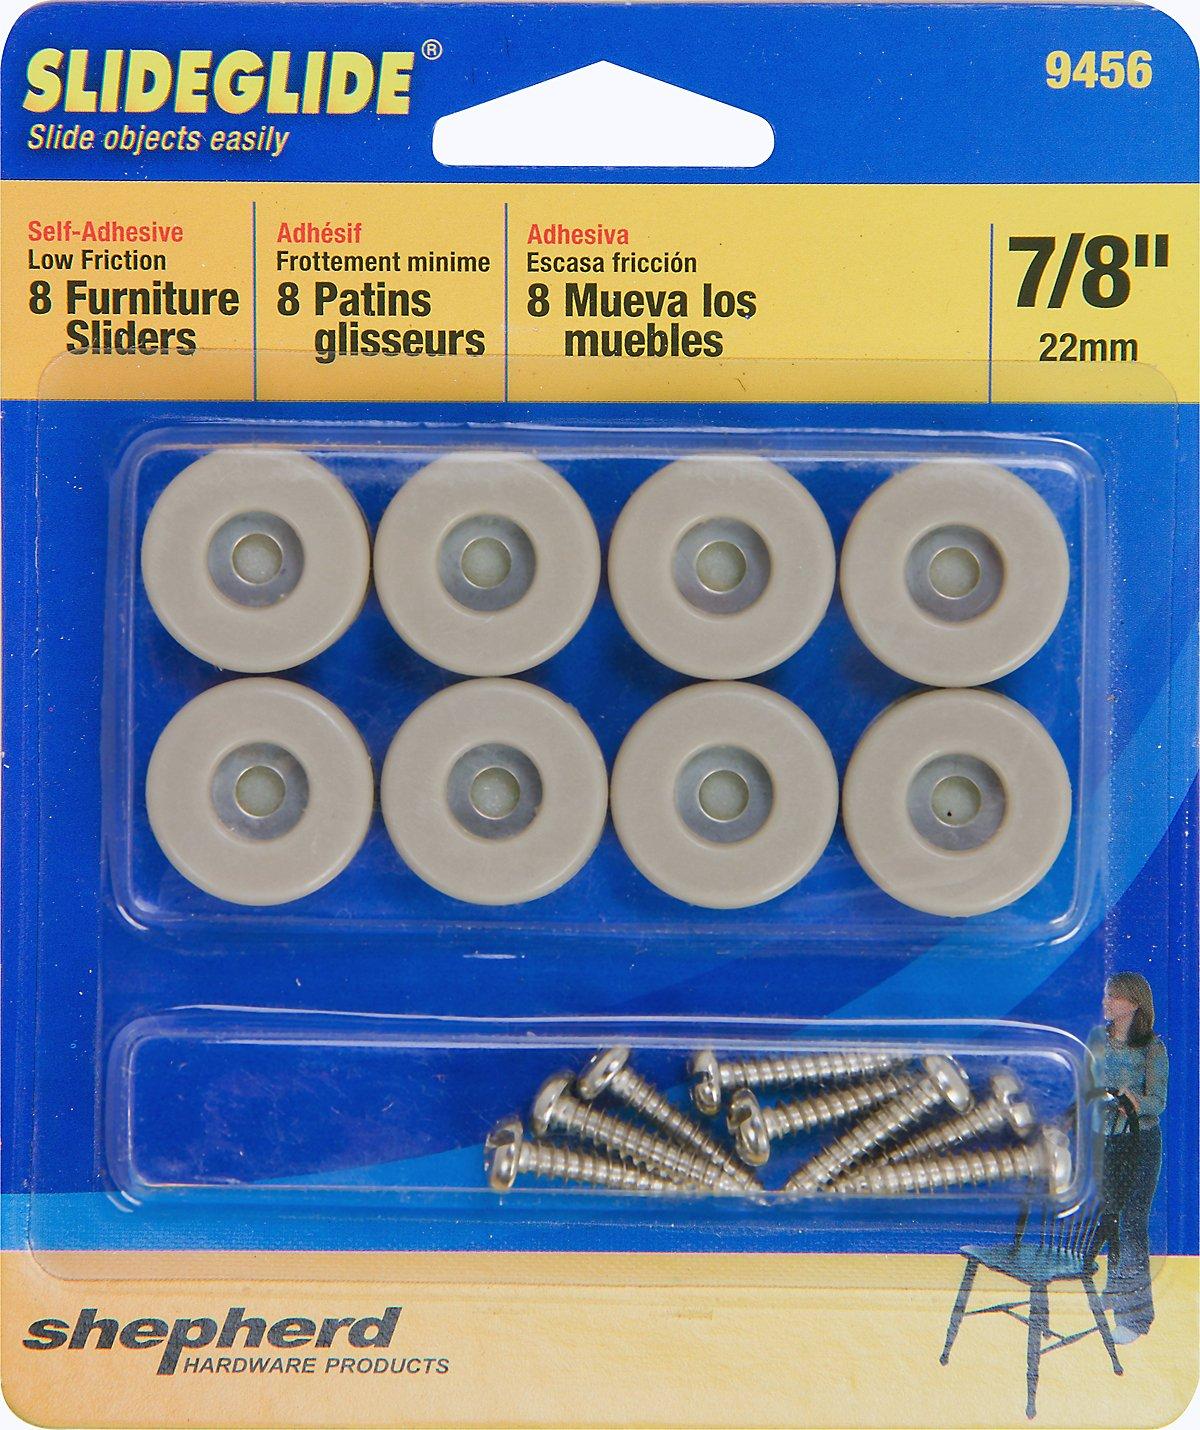 Shepherd Hardware 9242 1-3/8-Inch Square Adhesvie Slide Glide Furniture Sliders, 4-Pack